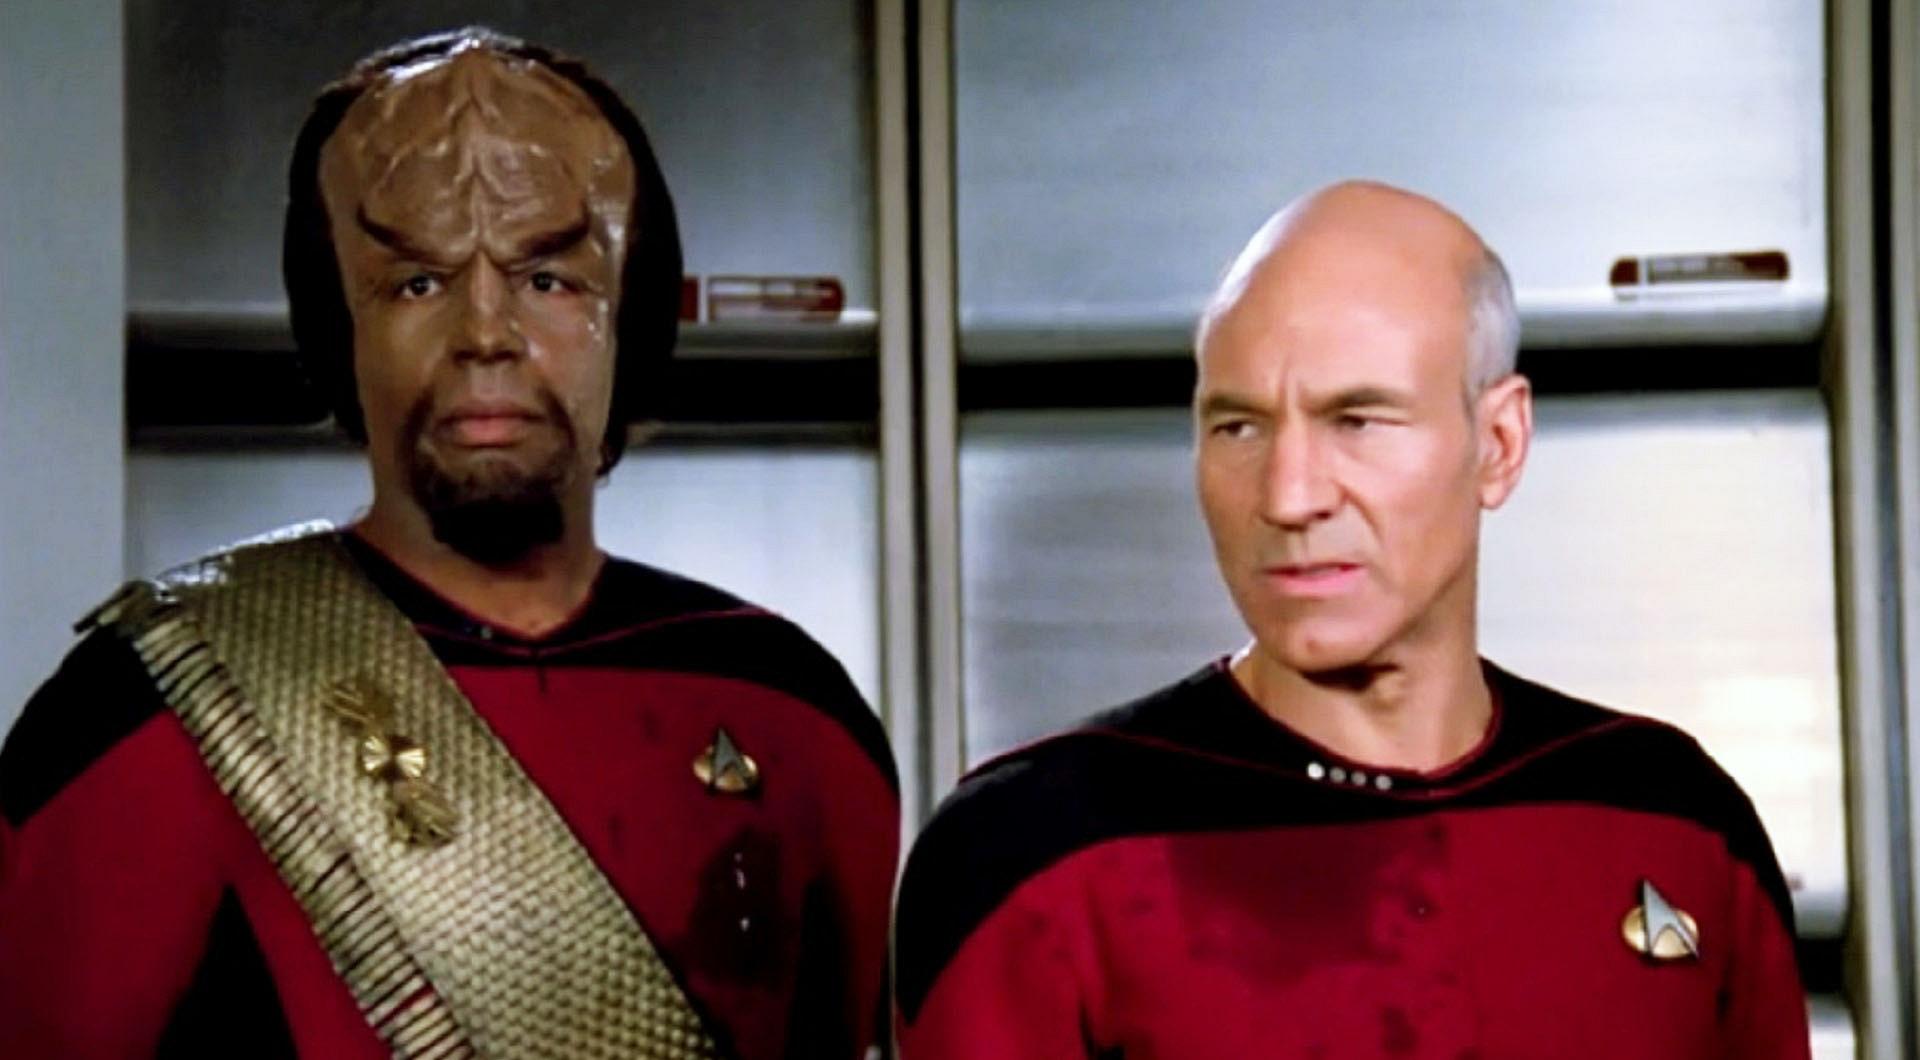 4. Klingons